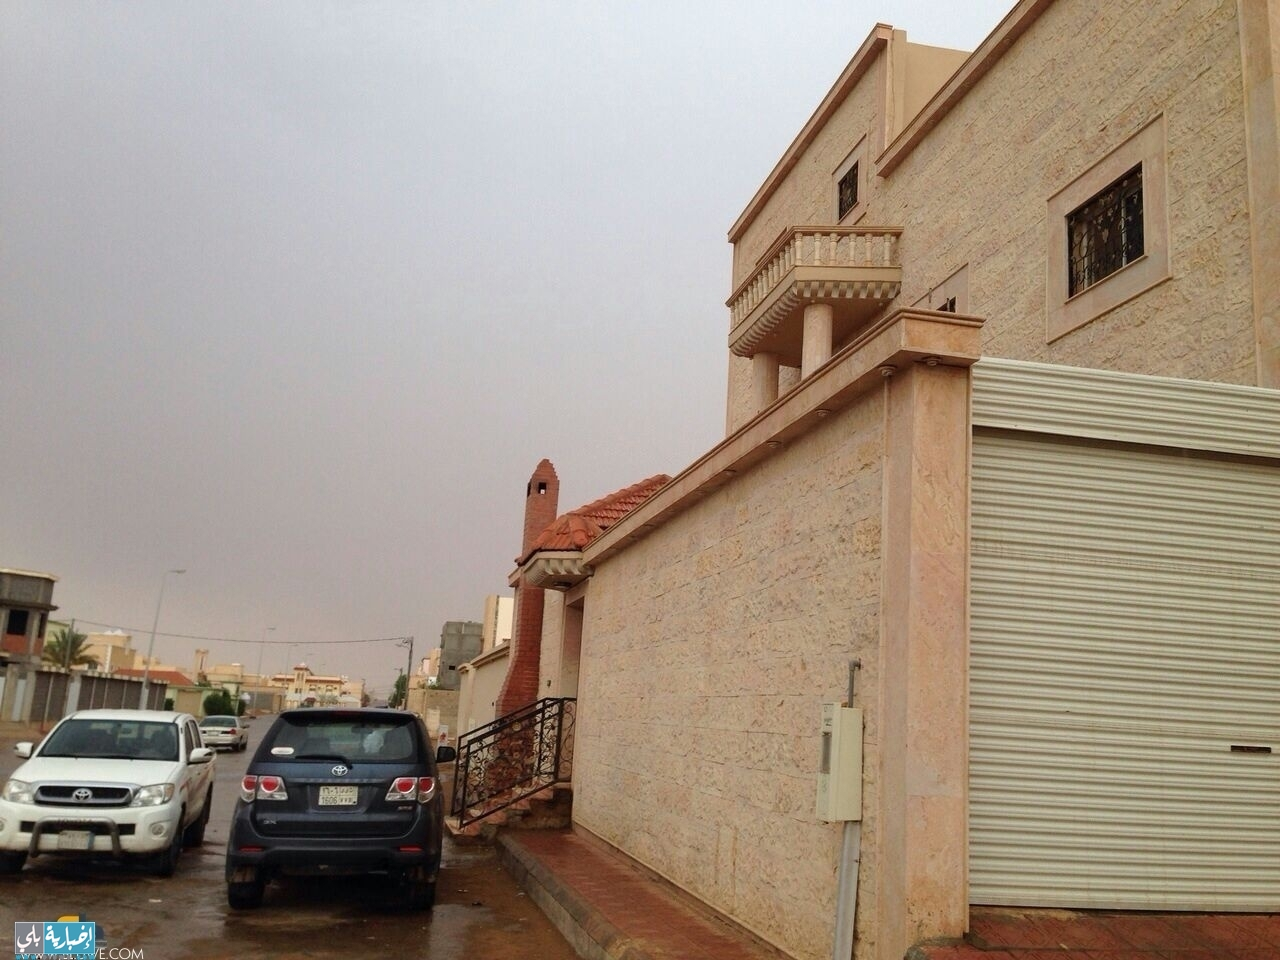 IMG-20141011-WA0008 امطار على مدينة الجوف ومحافظة طريف امطار على مدينة الجوف ومحافظة طريف IMG 20141011 WA0008